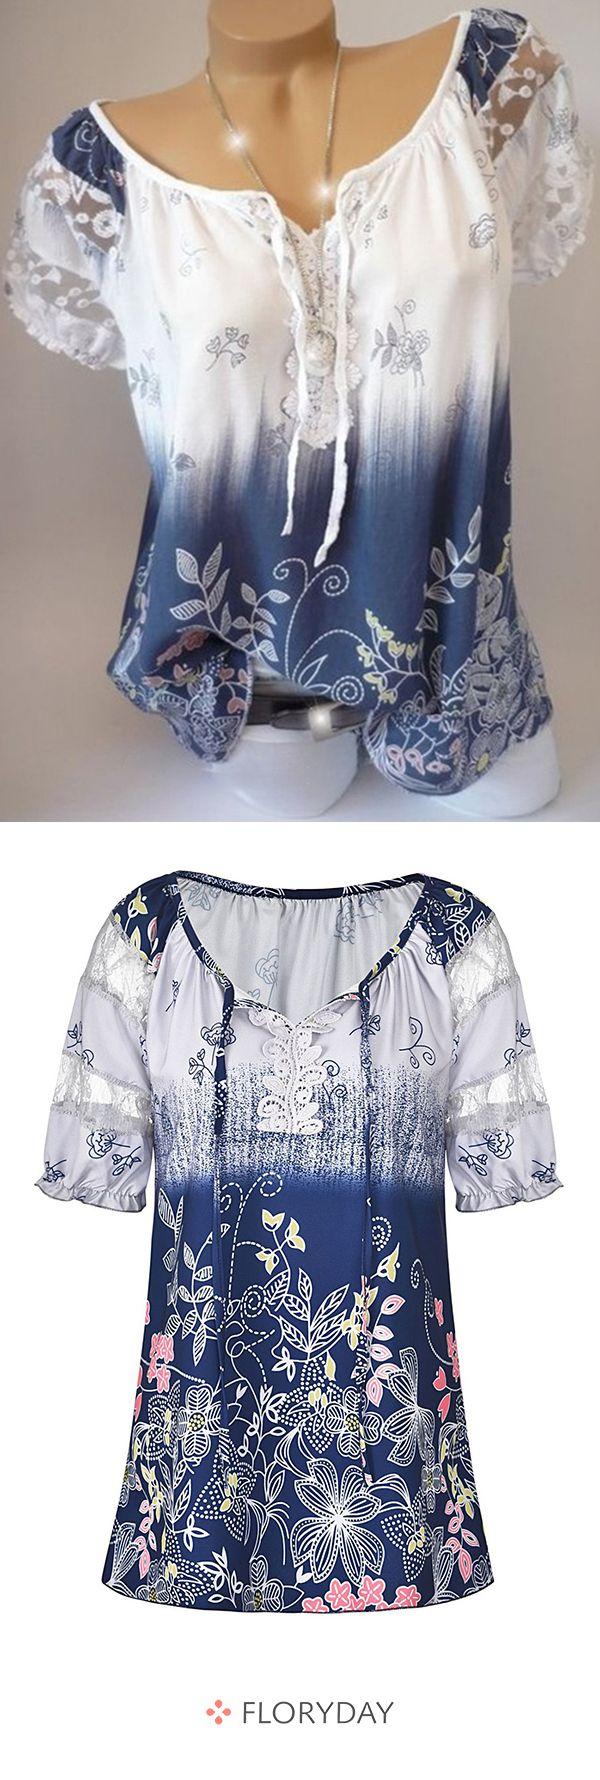 Eine wunderbare Bluse, leicht und angenehm zu tragen ...